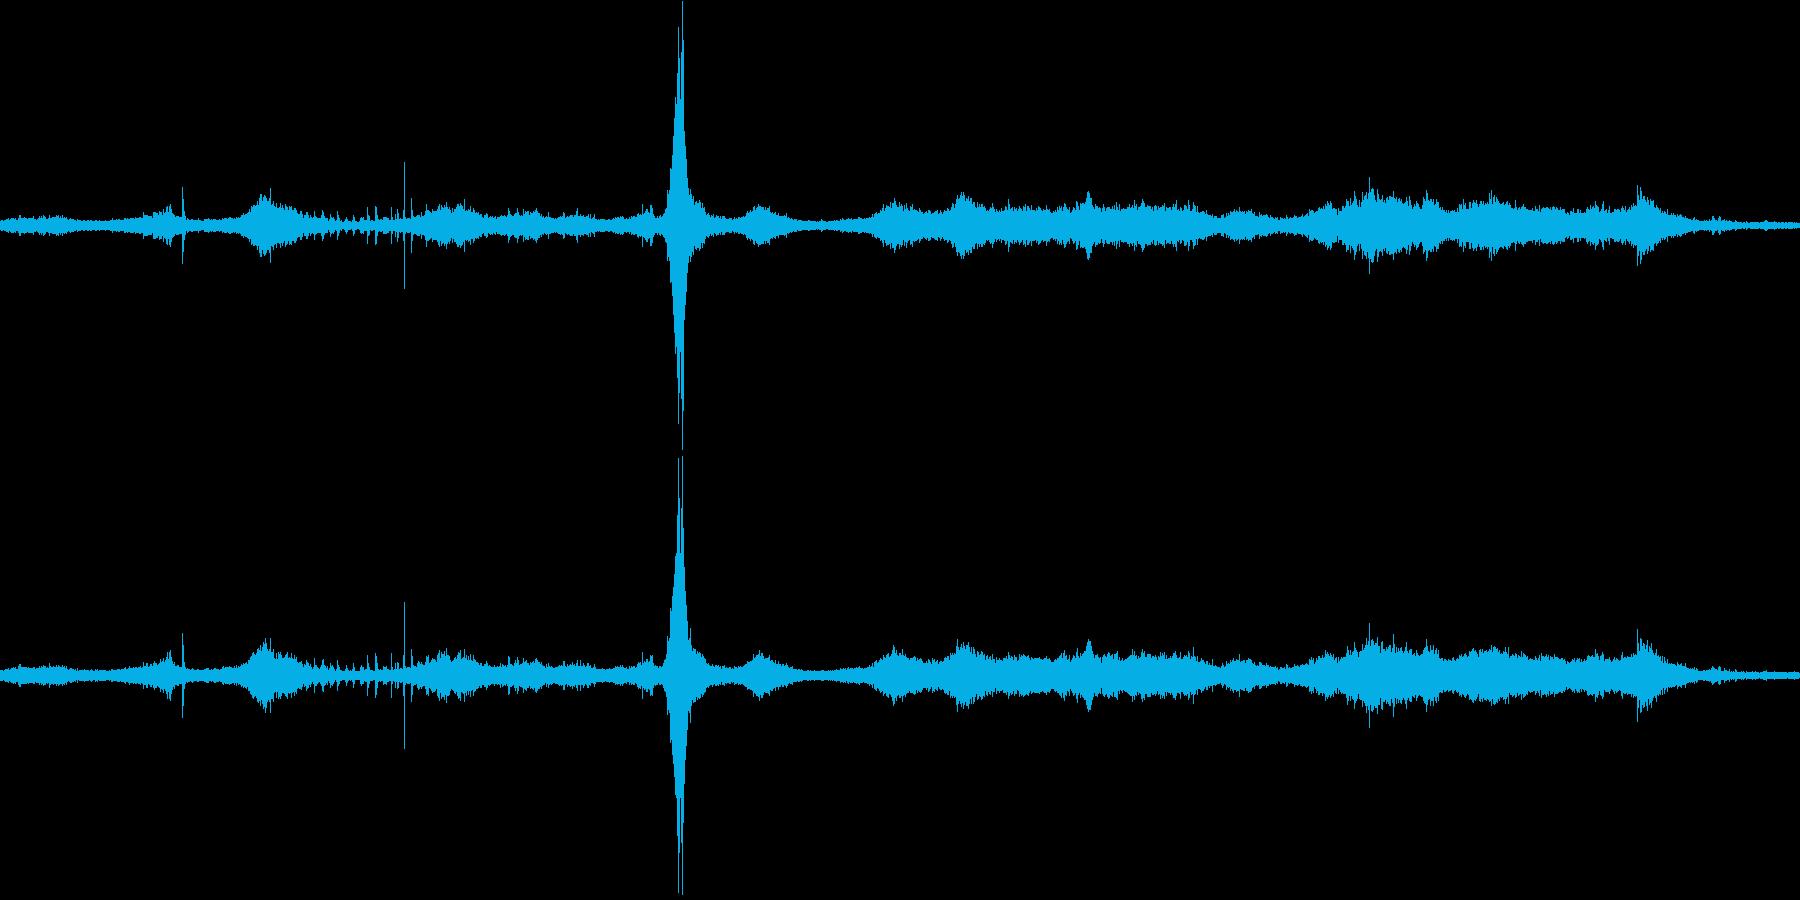 【生音】通行音 - 5 車 バイク 足…の再生済みの波形